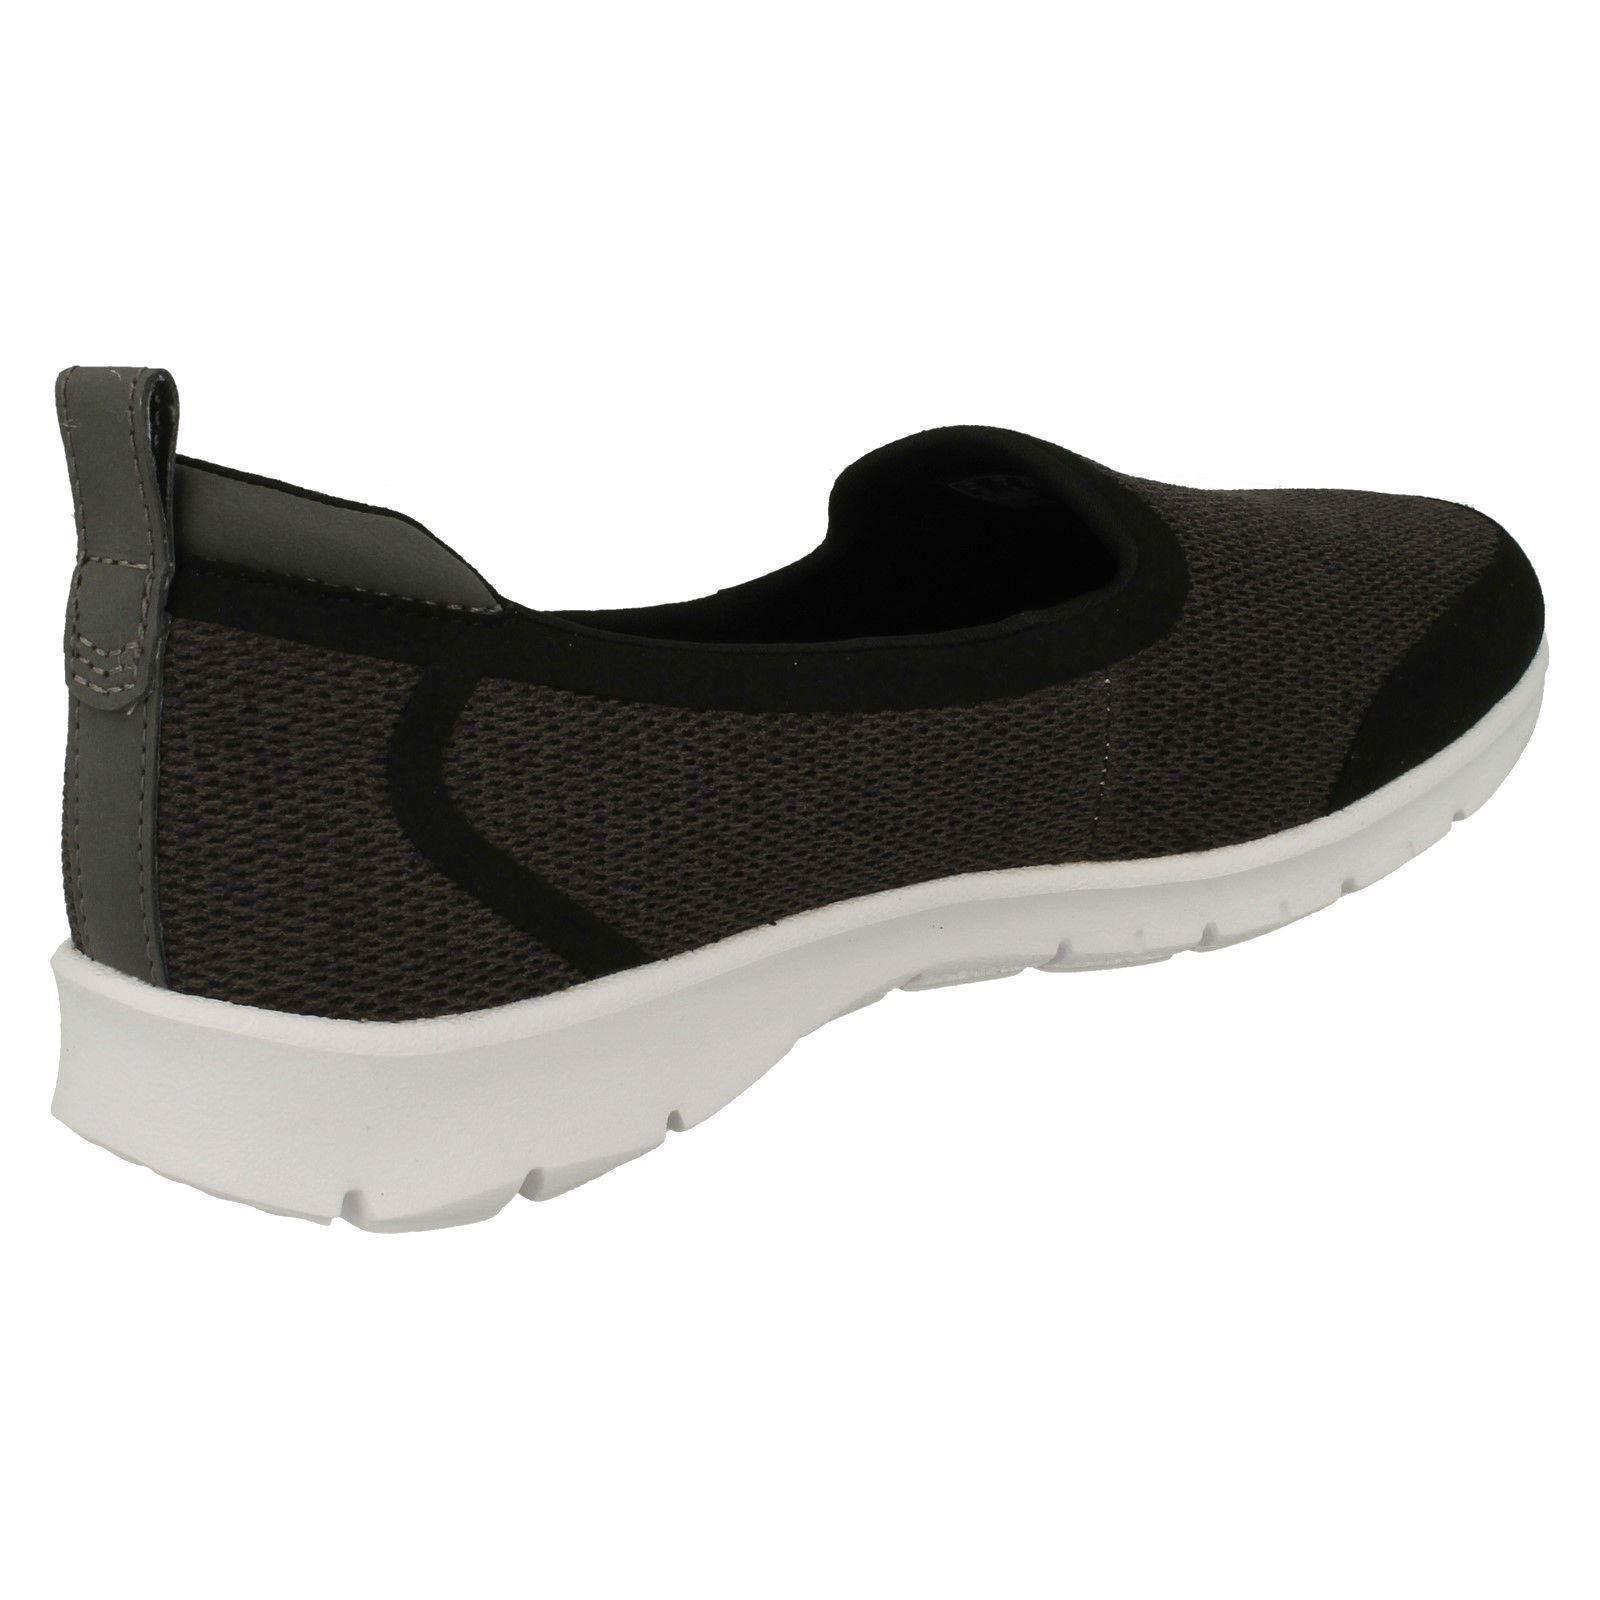 'Damen Clarks 'Rund Zehenabschnitt ohne Bügel Sportlich Slipper - - Slipper Step Allena Lo 73ebd8